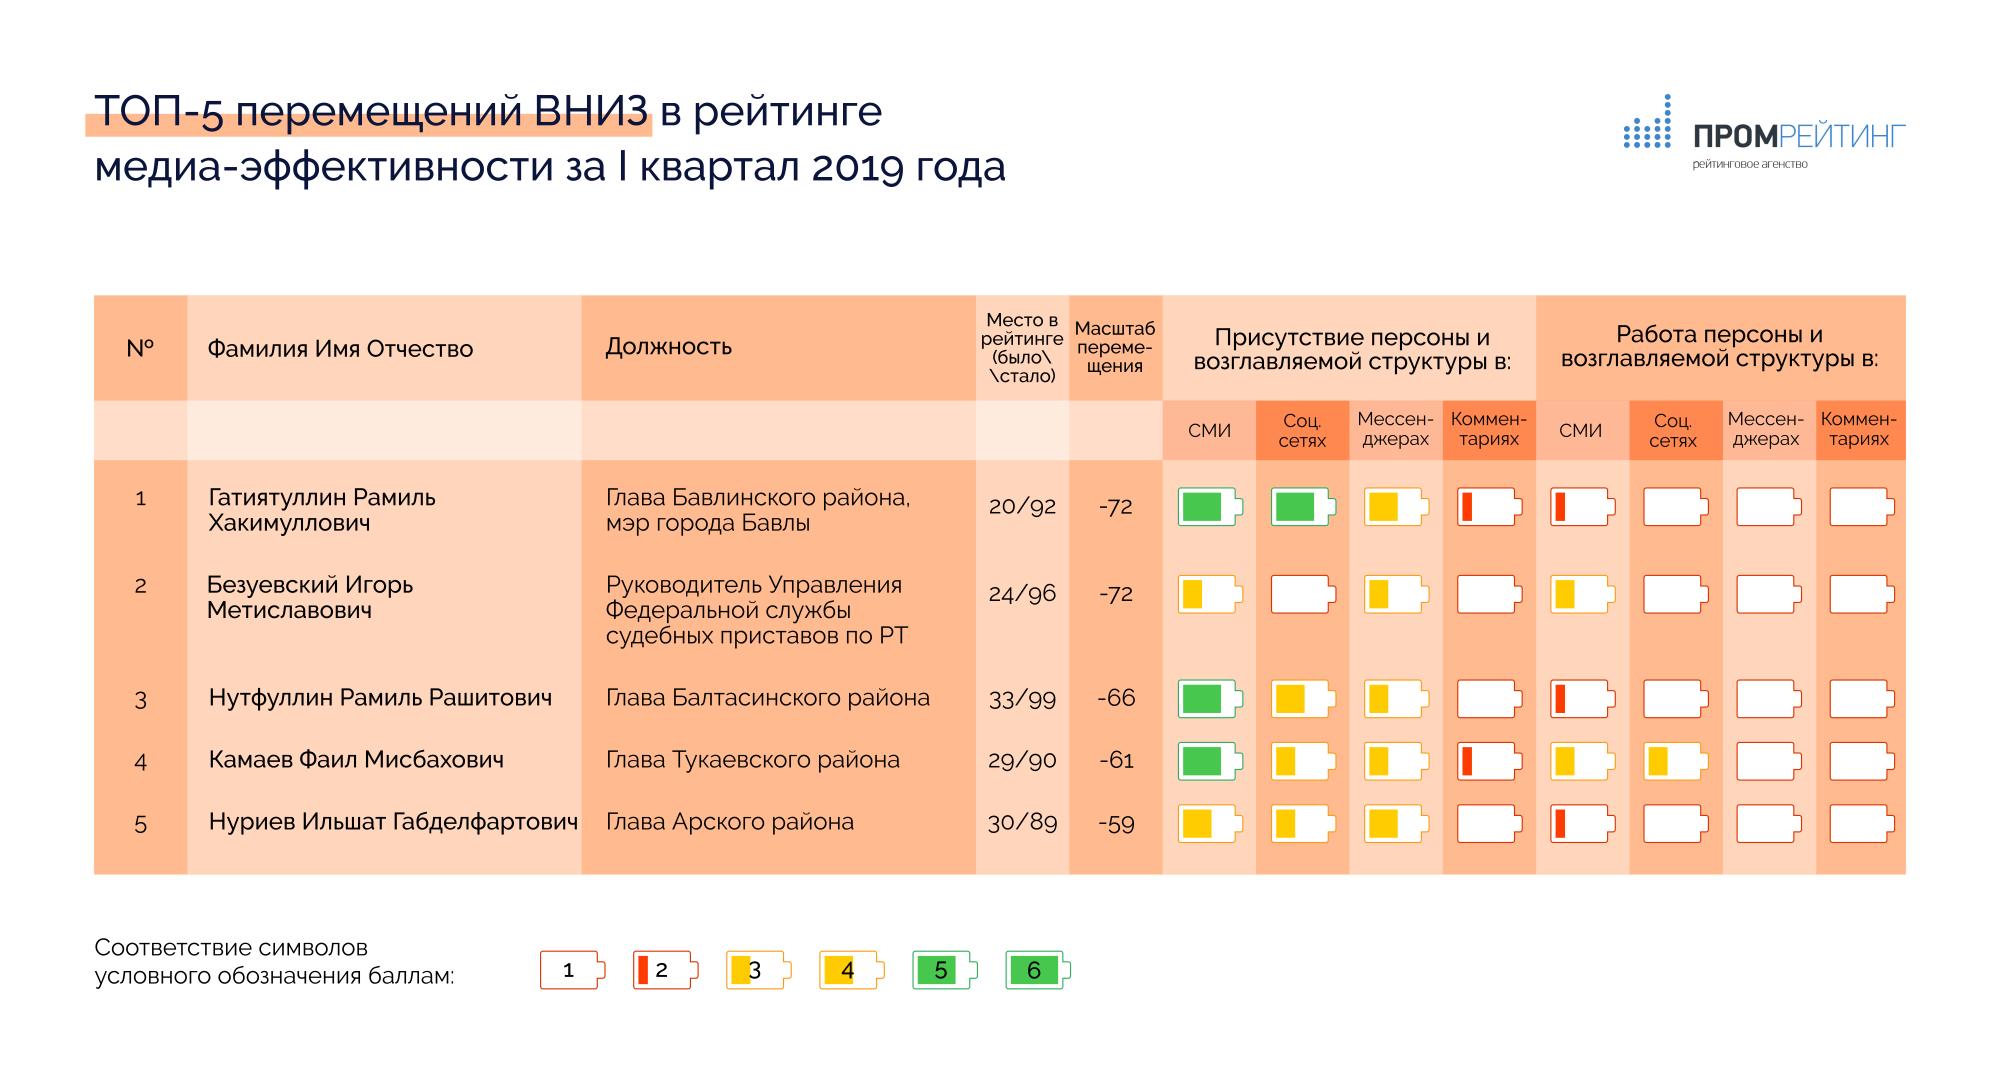 чиновники рейтинг медиа-эффективности за I квартал 2019 года